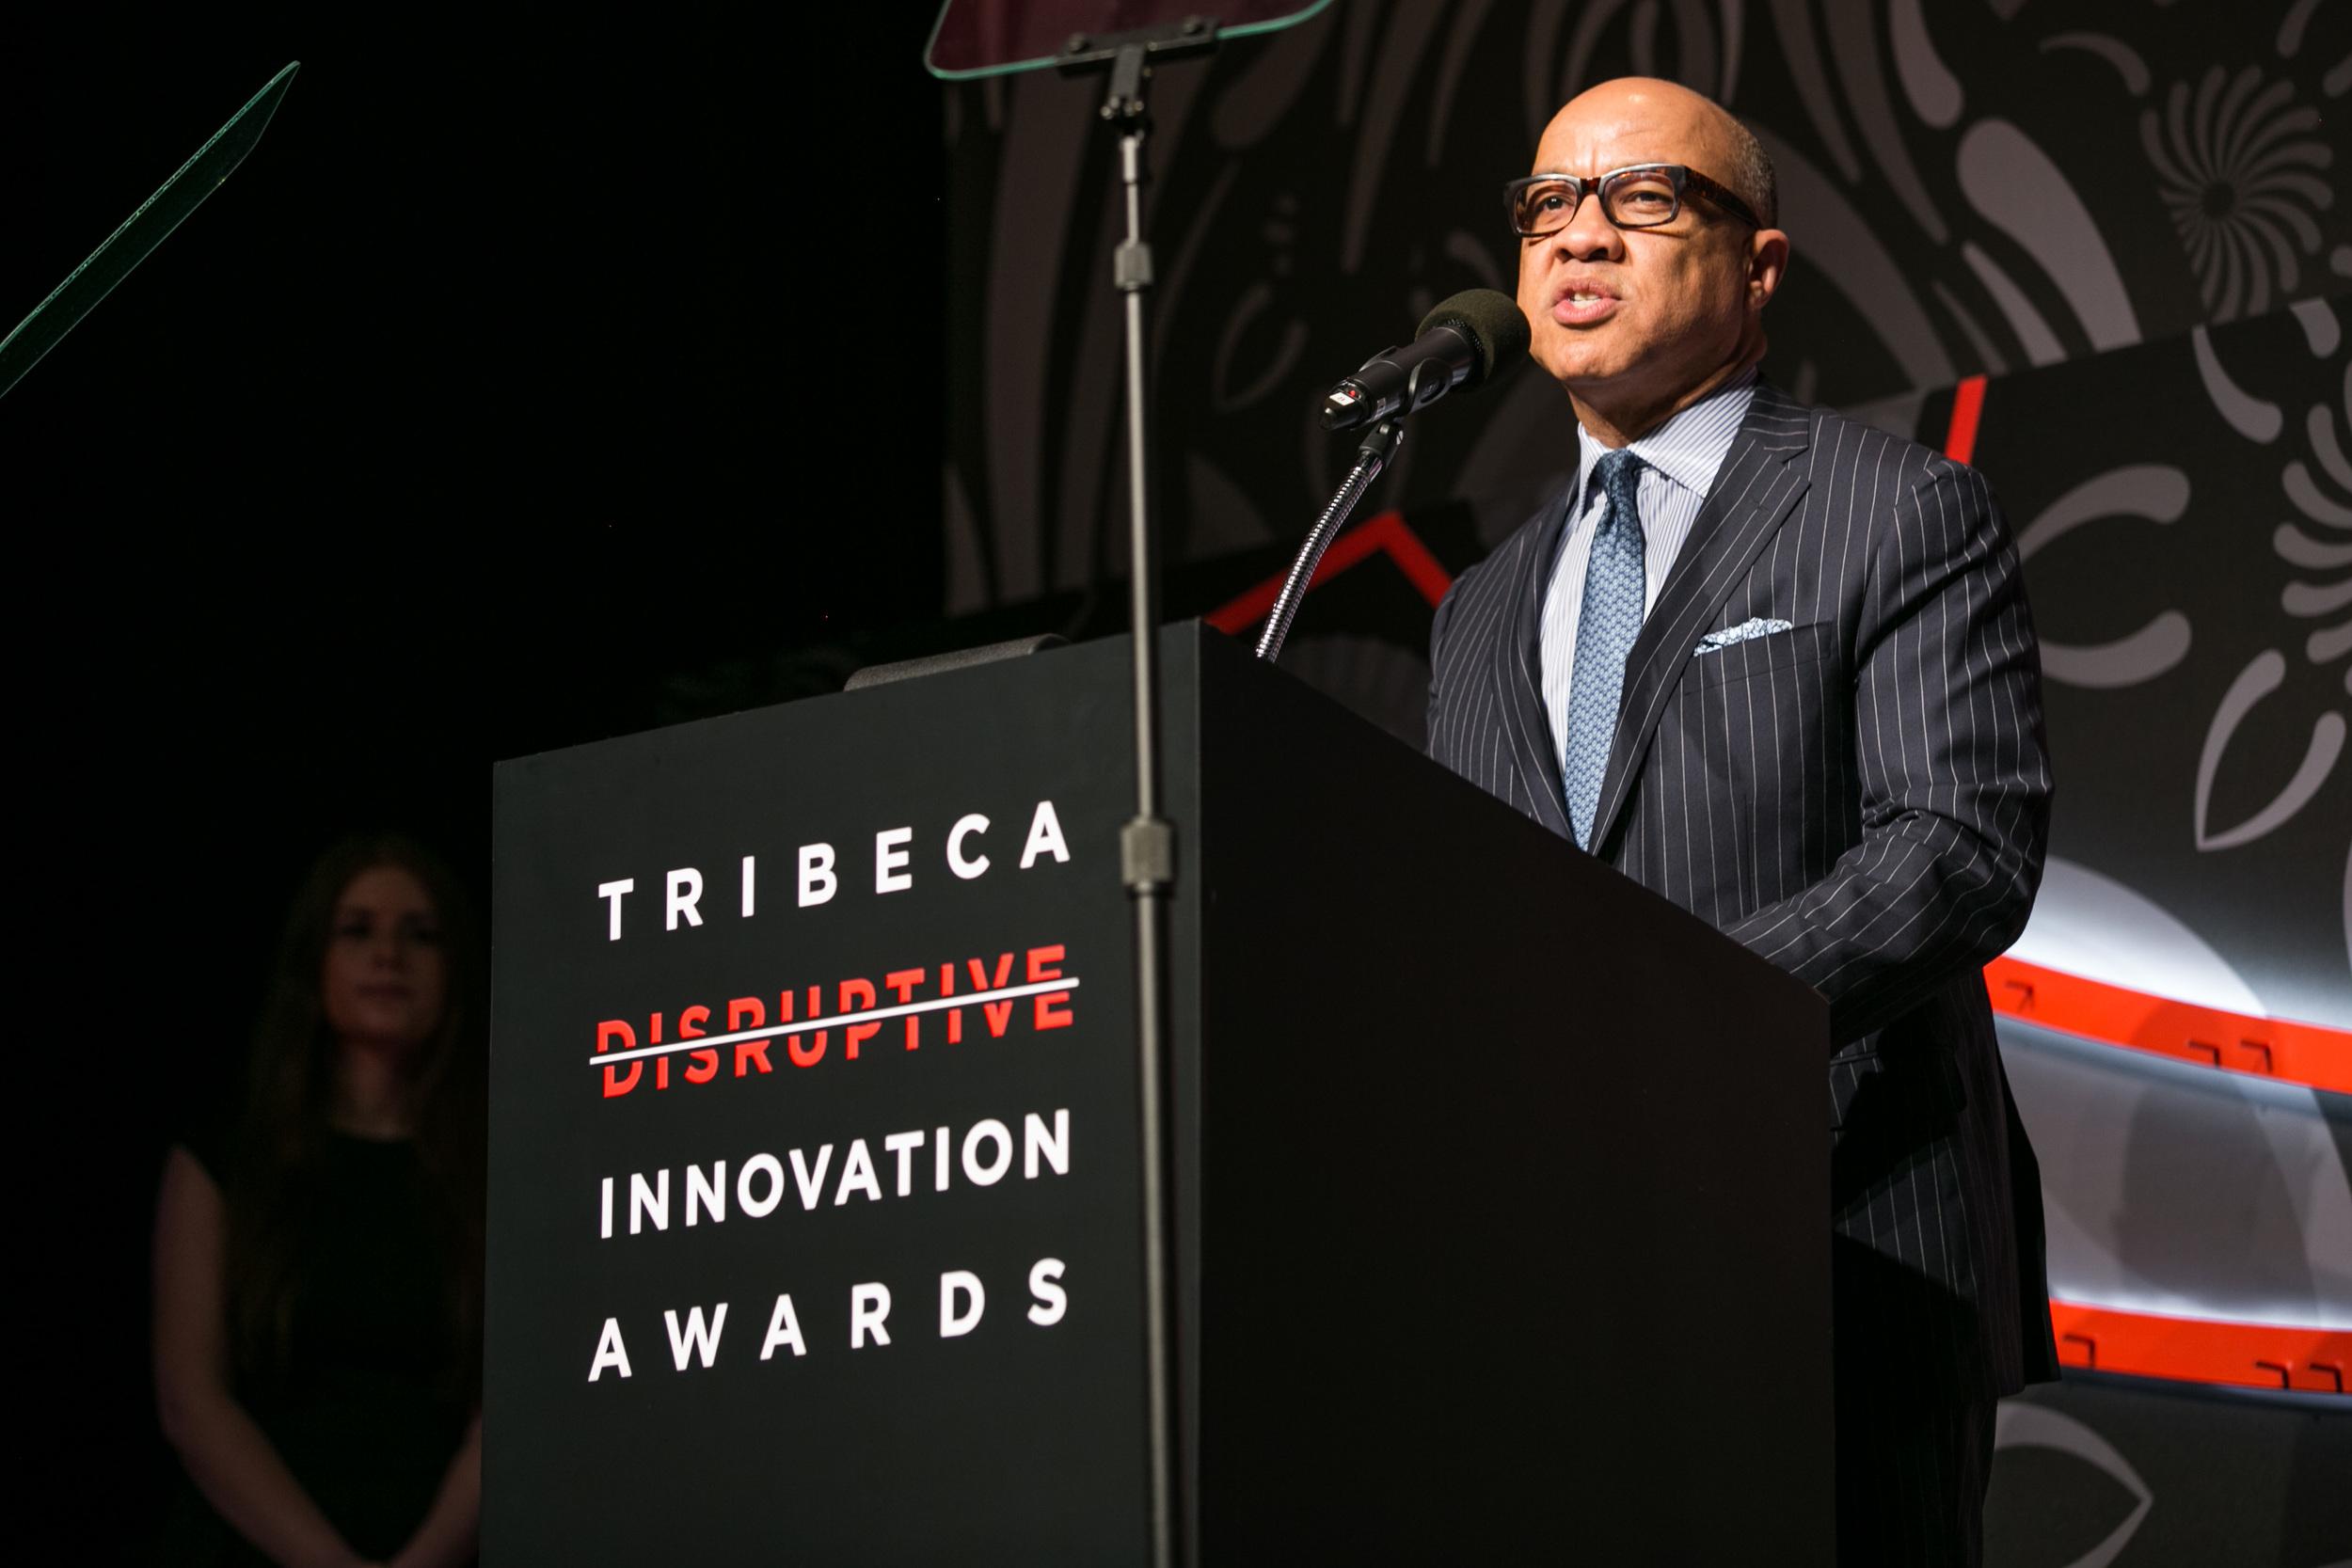 20160422-Tribeca Disruptive Innovation Awards-1204.jpg